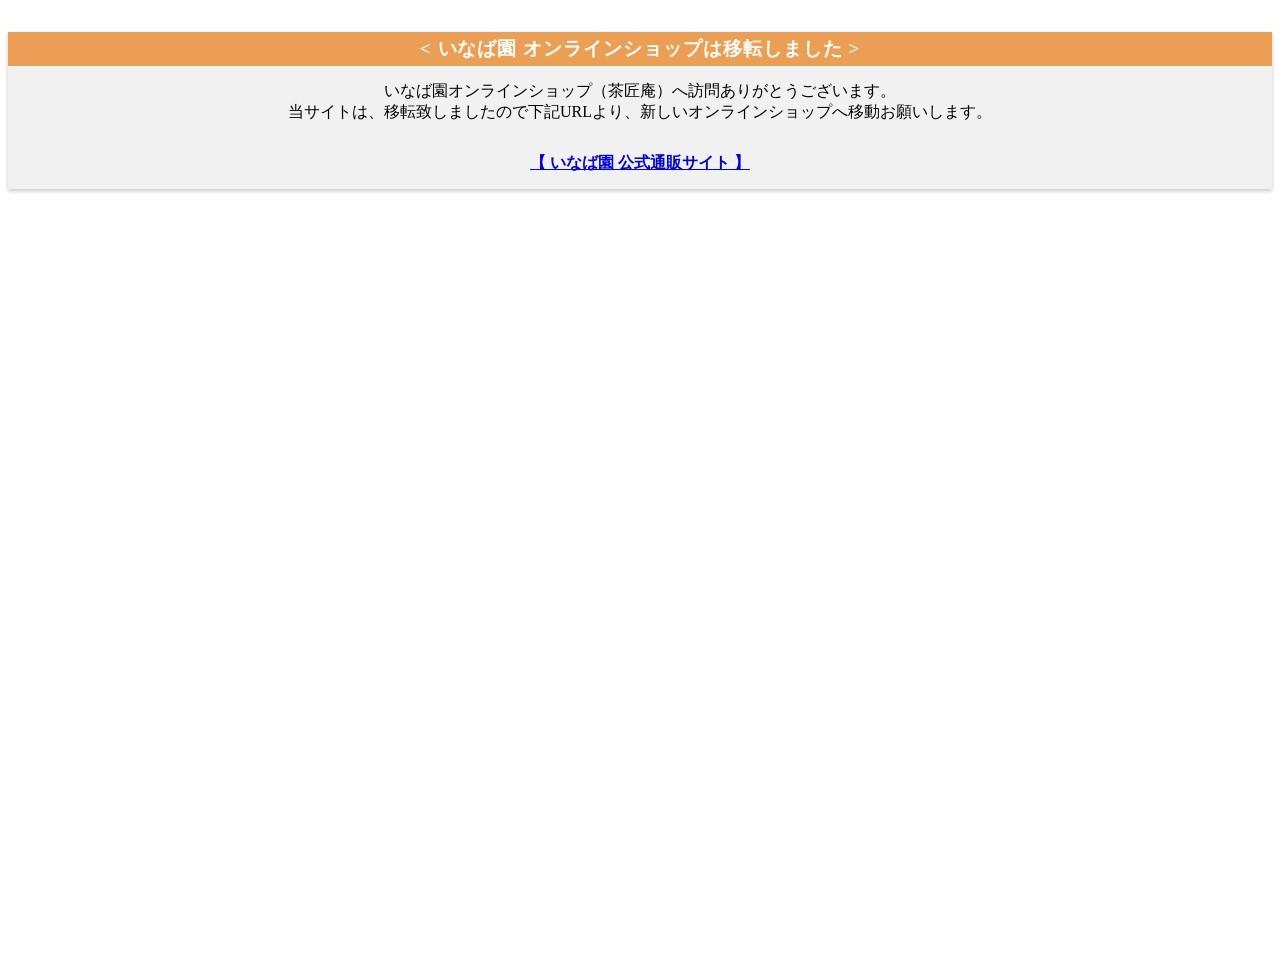 茶匠庵-chashoan-本店 - 日本の本当にいいものをここから